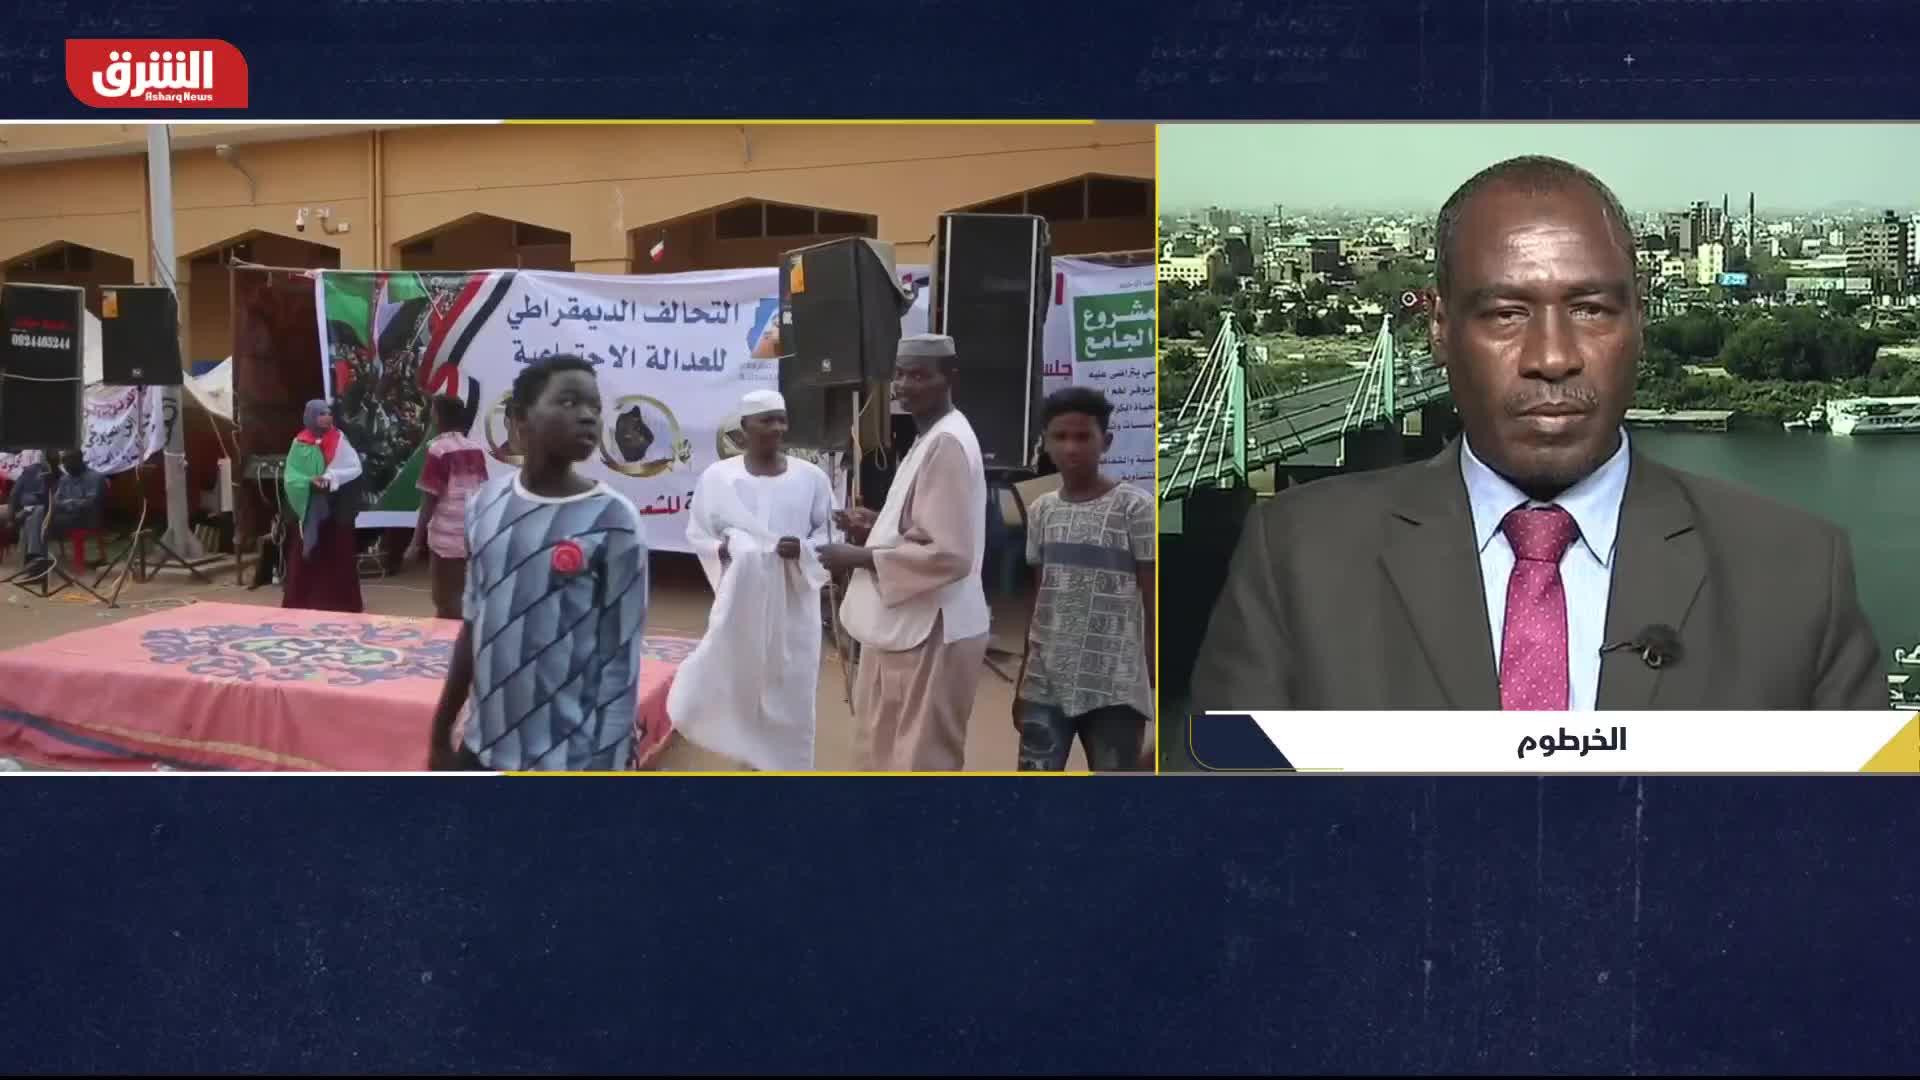 ما هو المطروح على الطاولة من حلول للأزمة السودانية حاليًا؟